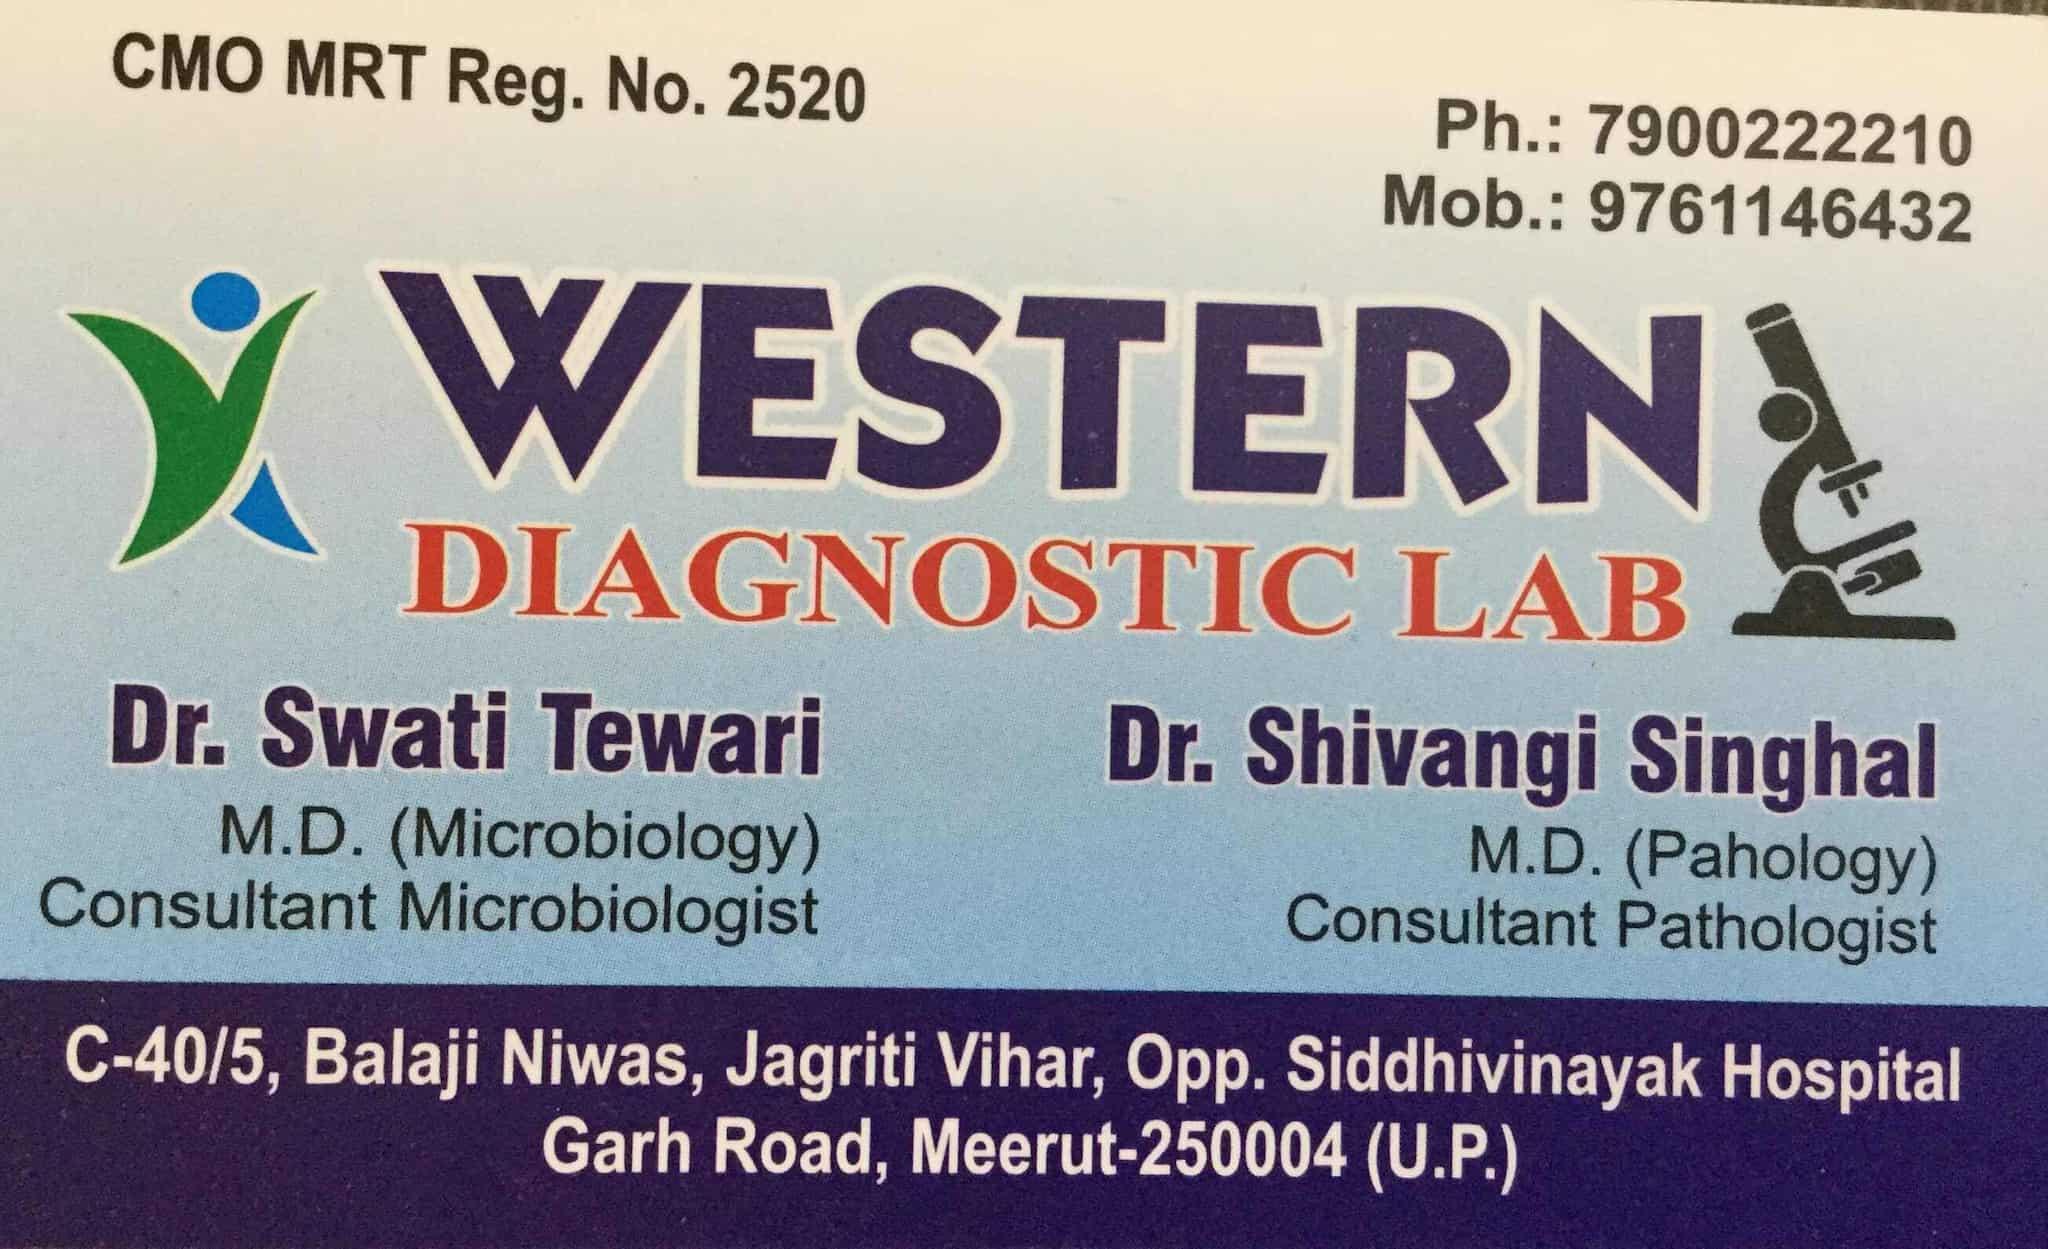 Western Diagnostic Lab, Jagriti Vihar - Diagnostic Centres